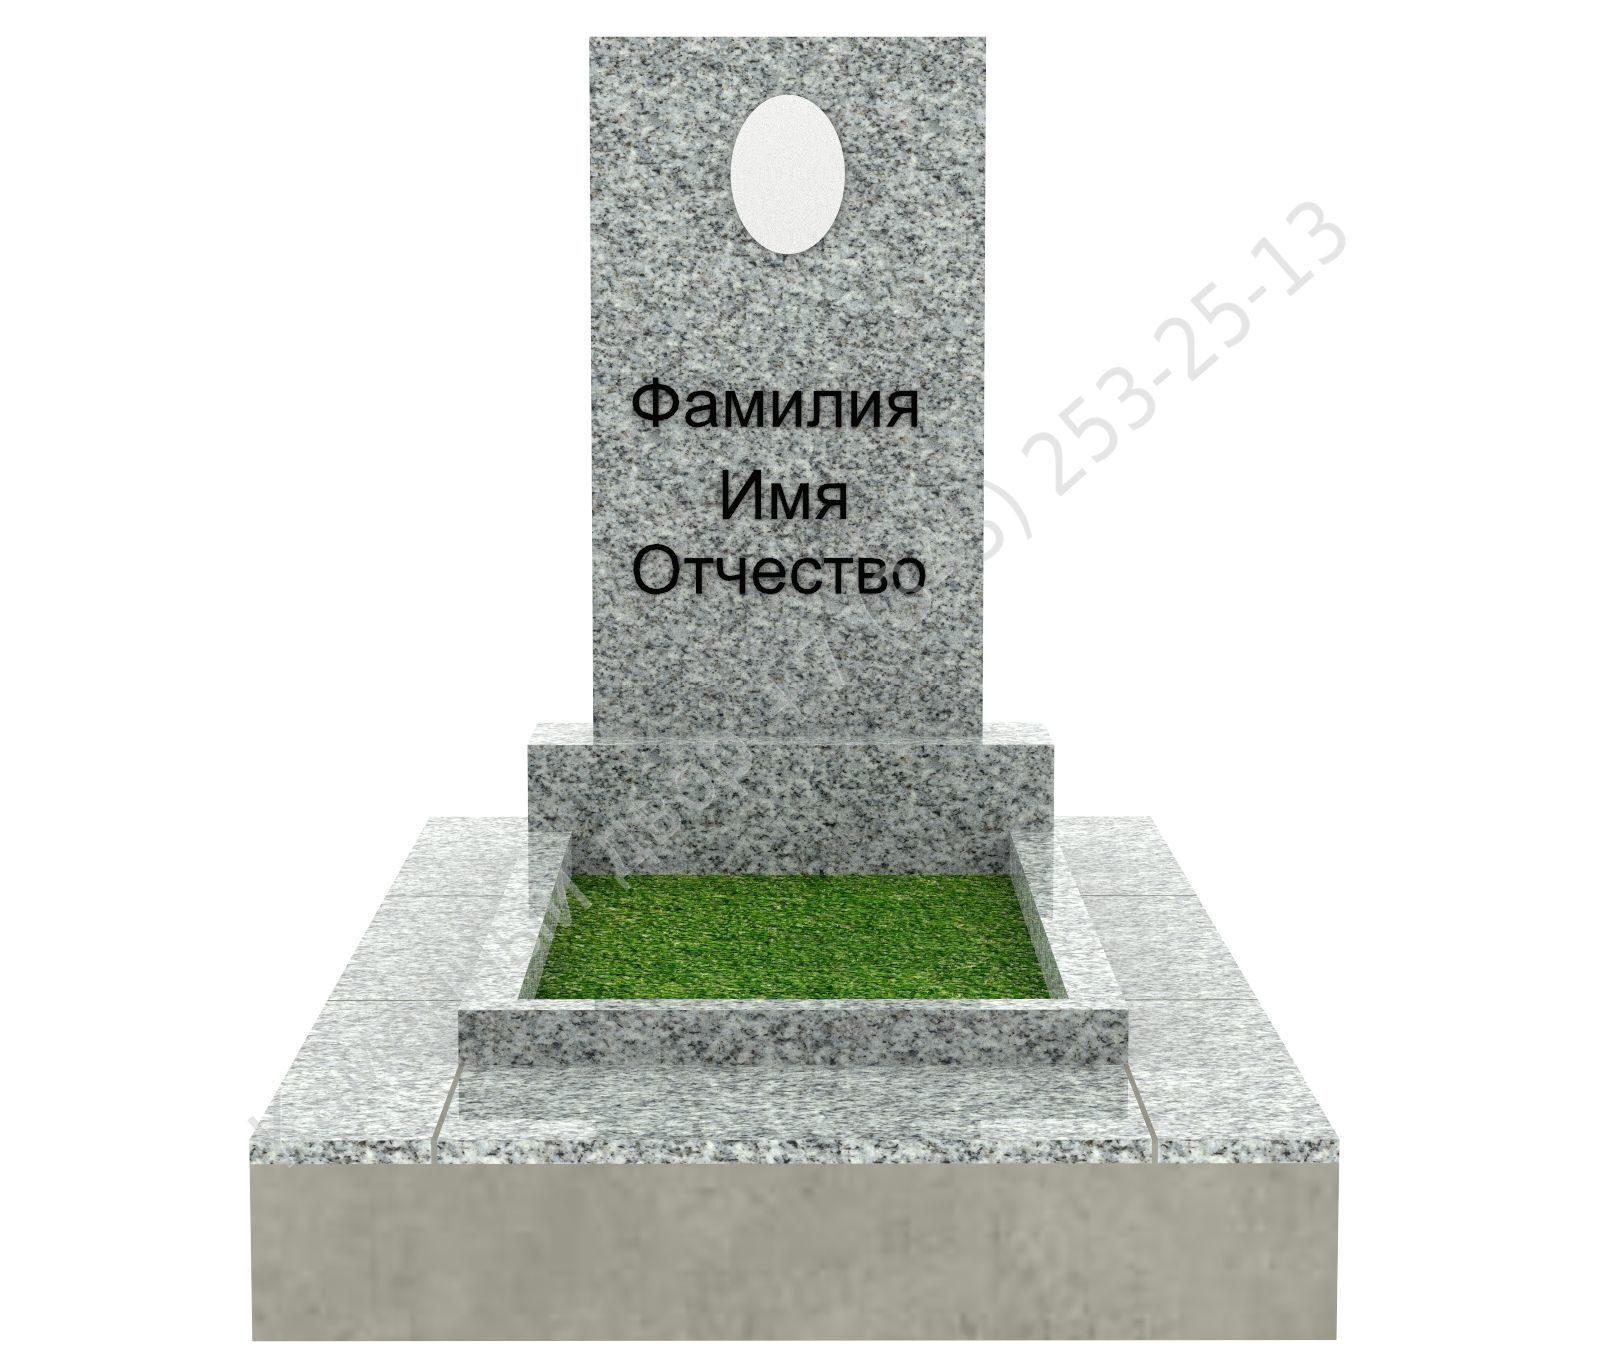 Памятники из гранита каталог цены 10 рублей памятники из гранита двойные прайс